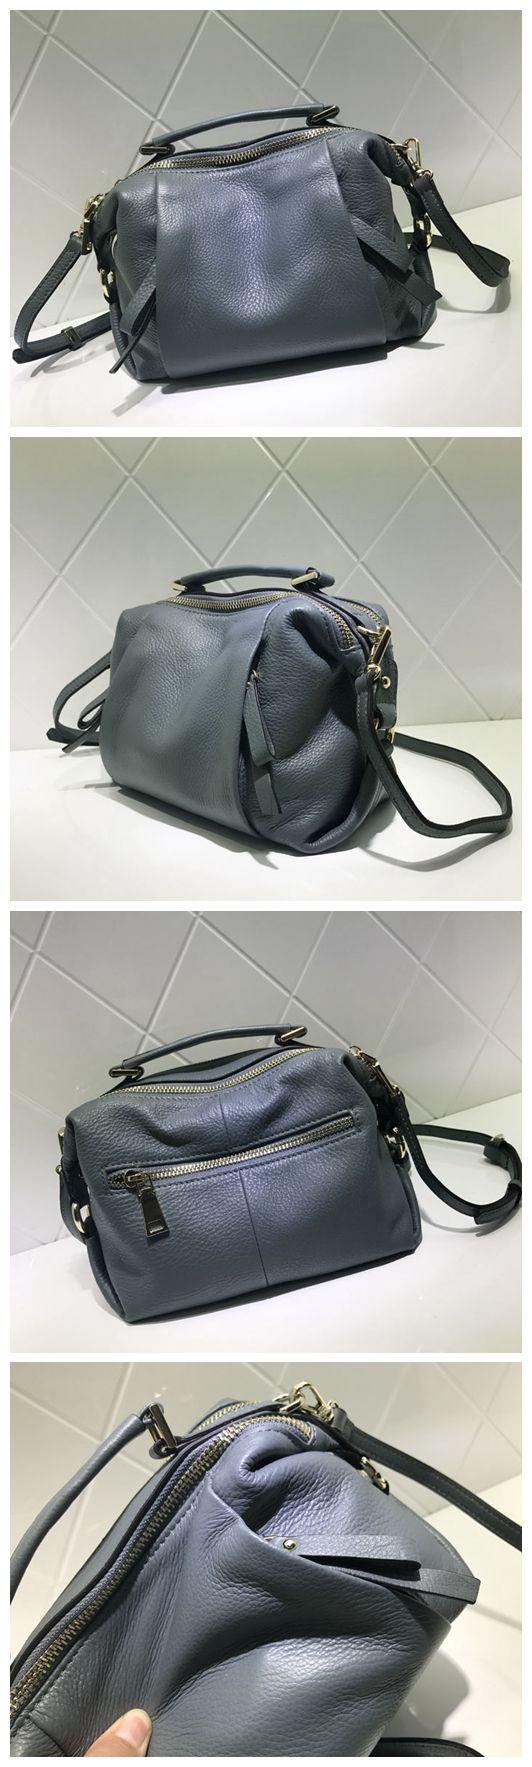 Women Fashion Genuine Natural Leather Bag Handbag Messenger Bag Shoulder Bag Cross Body Bag AM06 Overview: Design: Women Fashion Handbag In Stock: 3-5 days For Making Include: Only Handbag Color: Red,